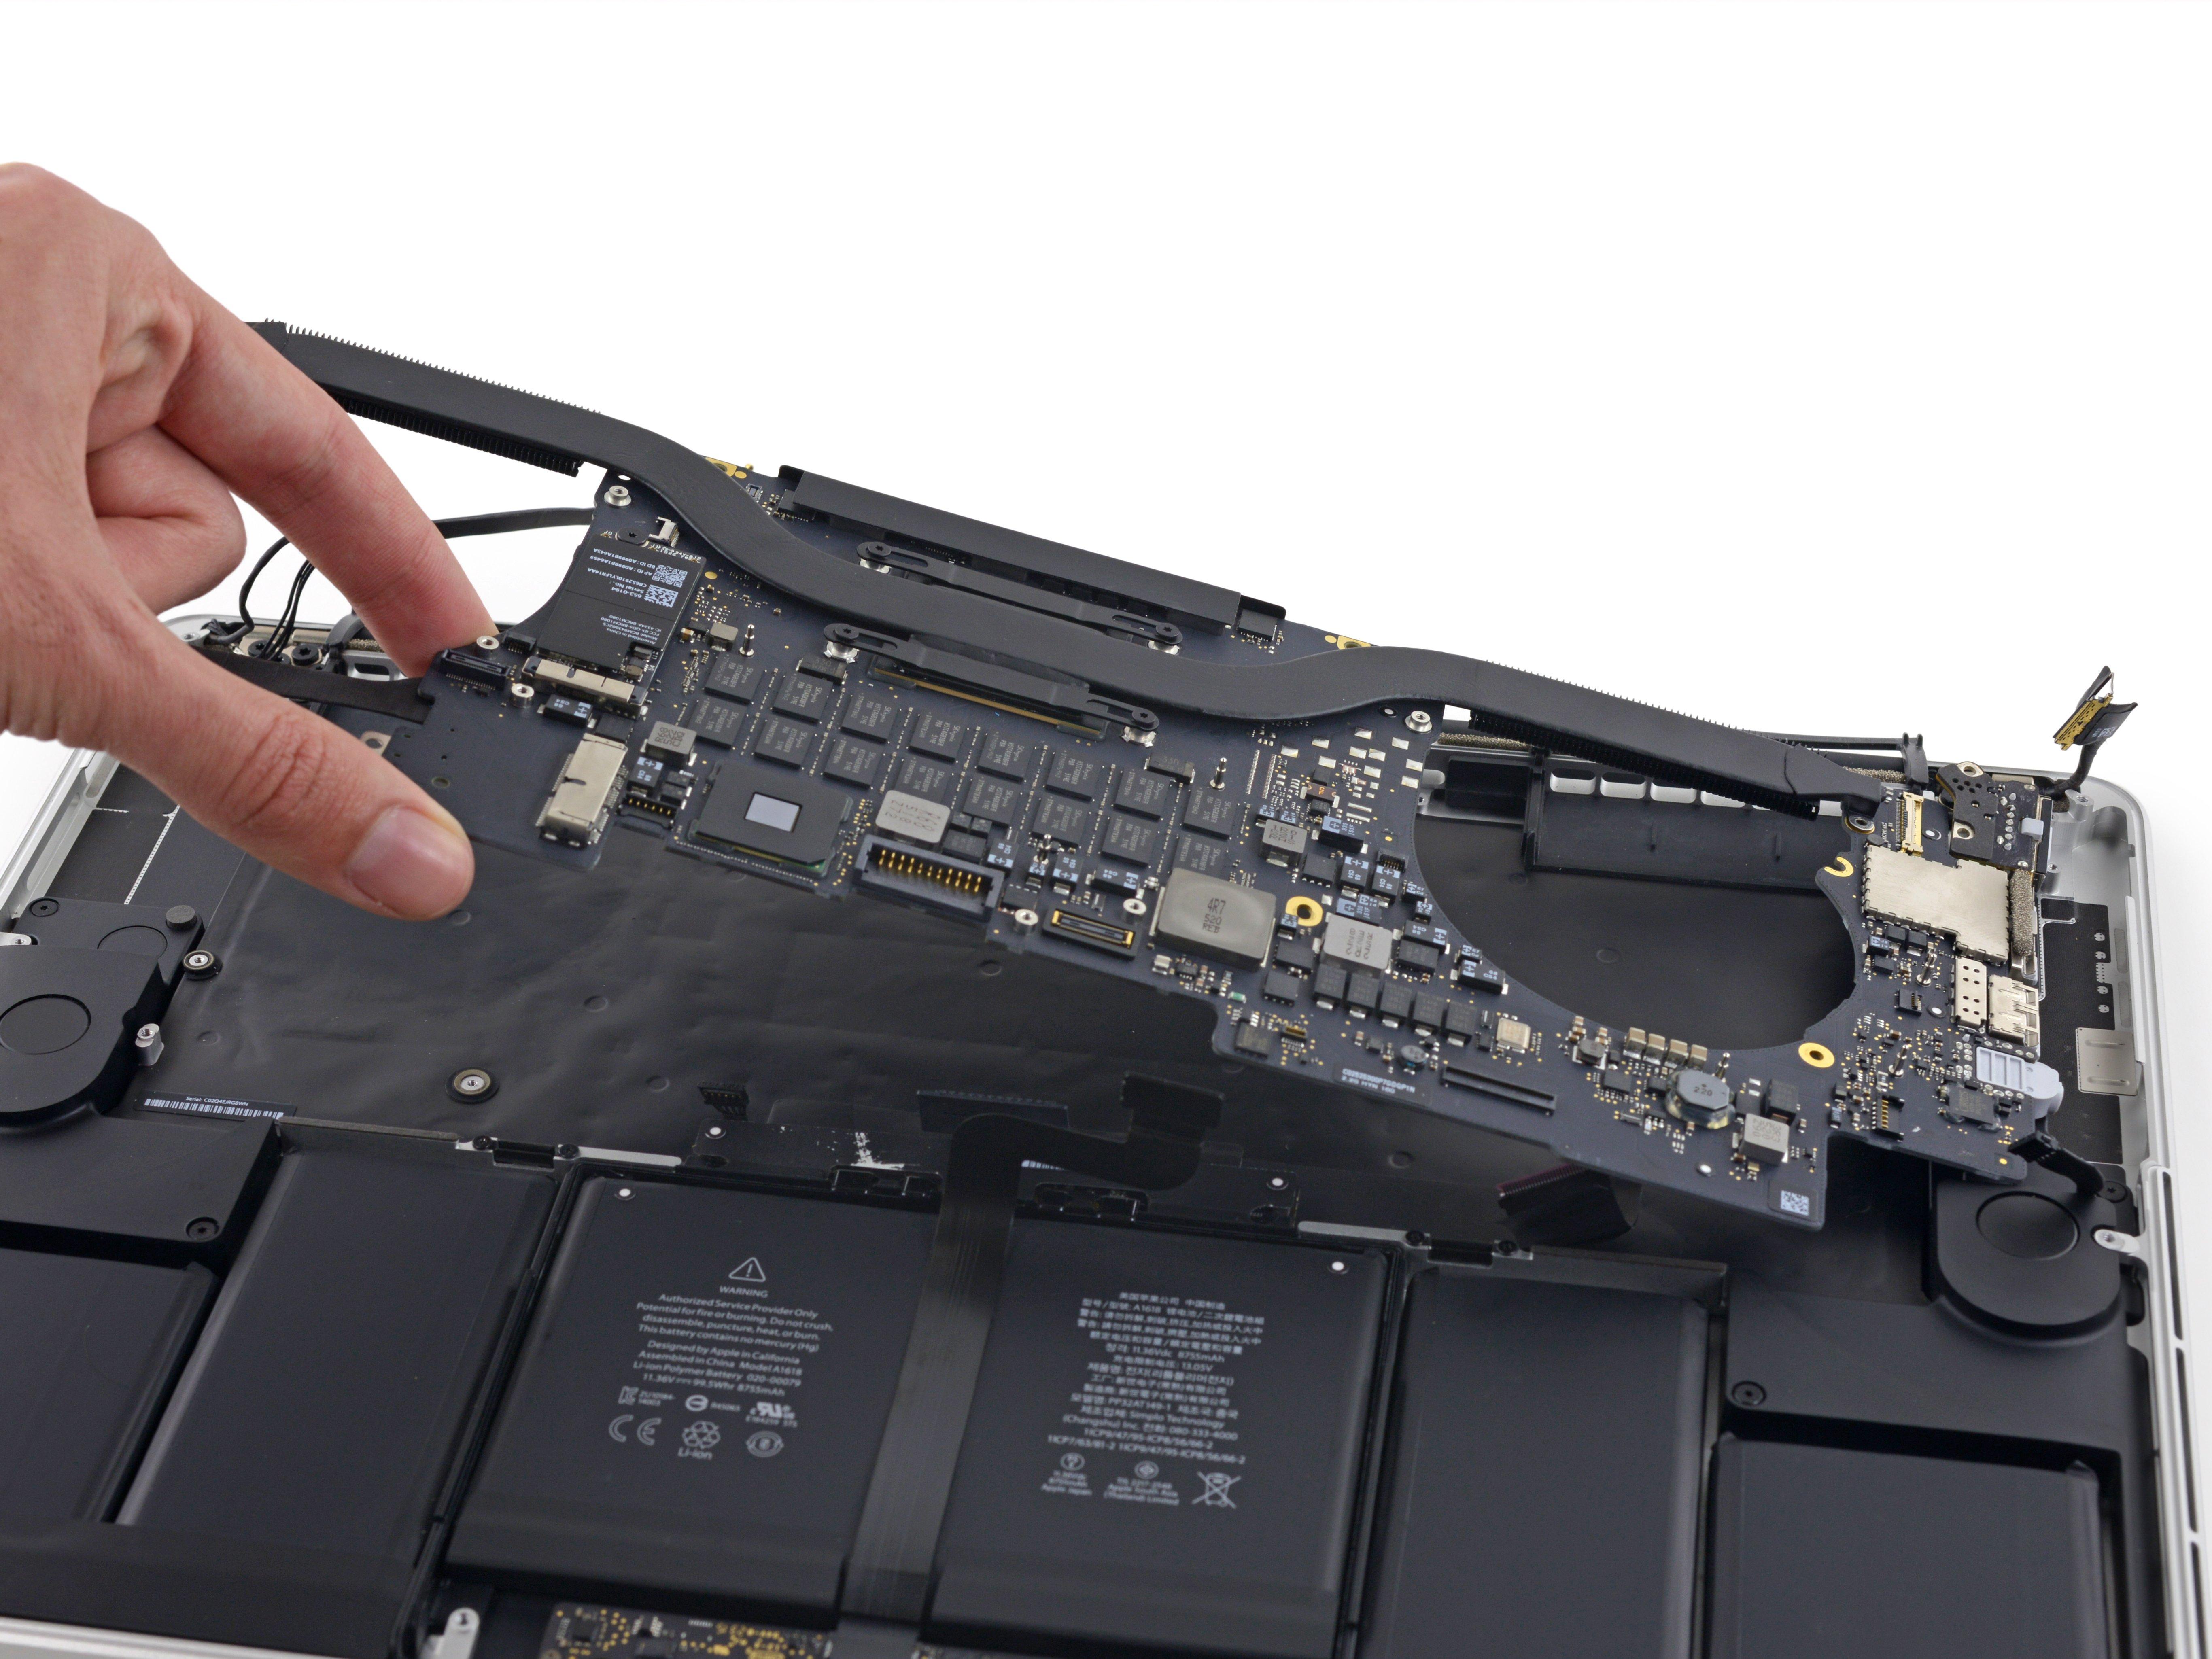 """MacBook Pro 15"""" Retina Display Mid 2015 Logic Board Replacement - iFixit  Repair Guide"""